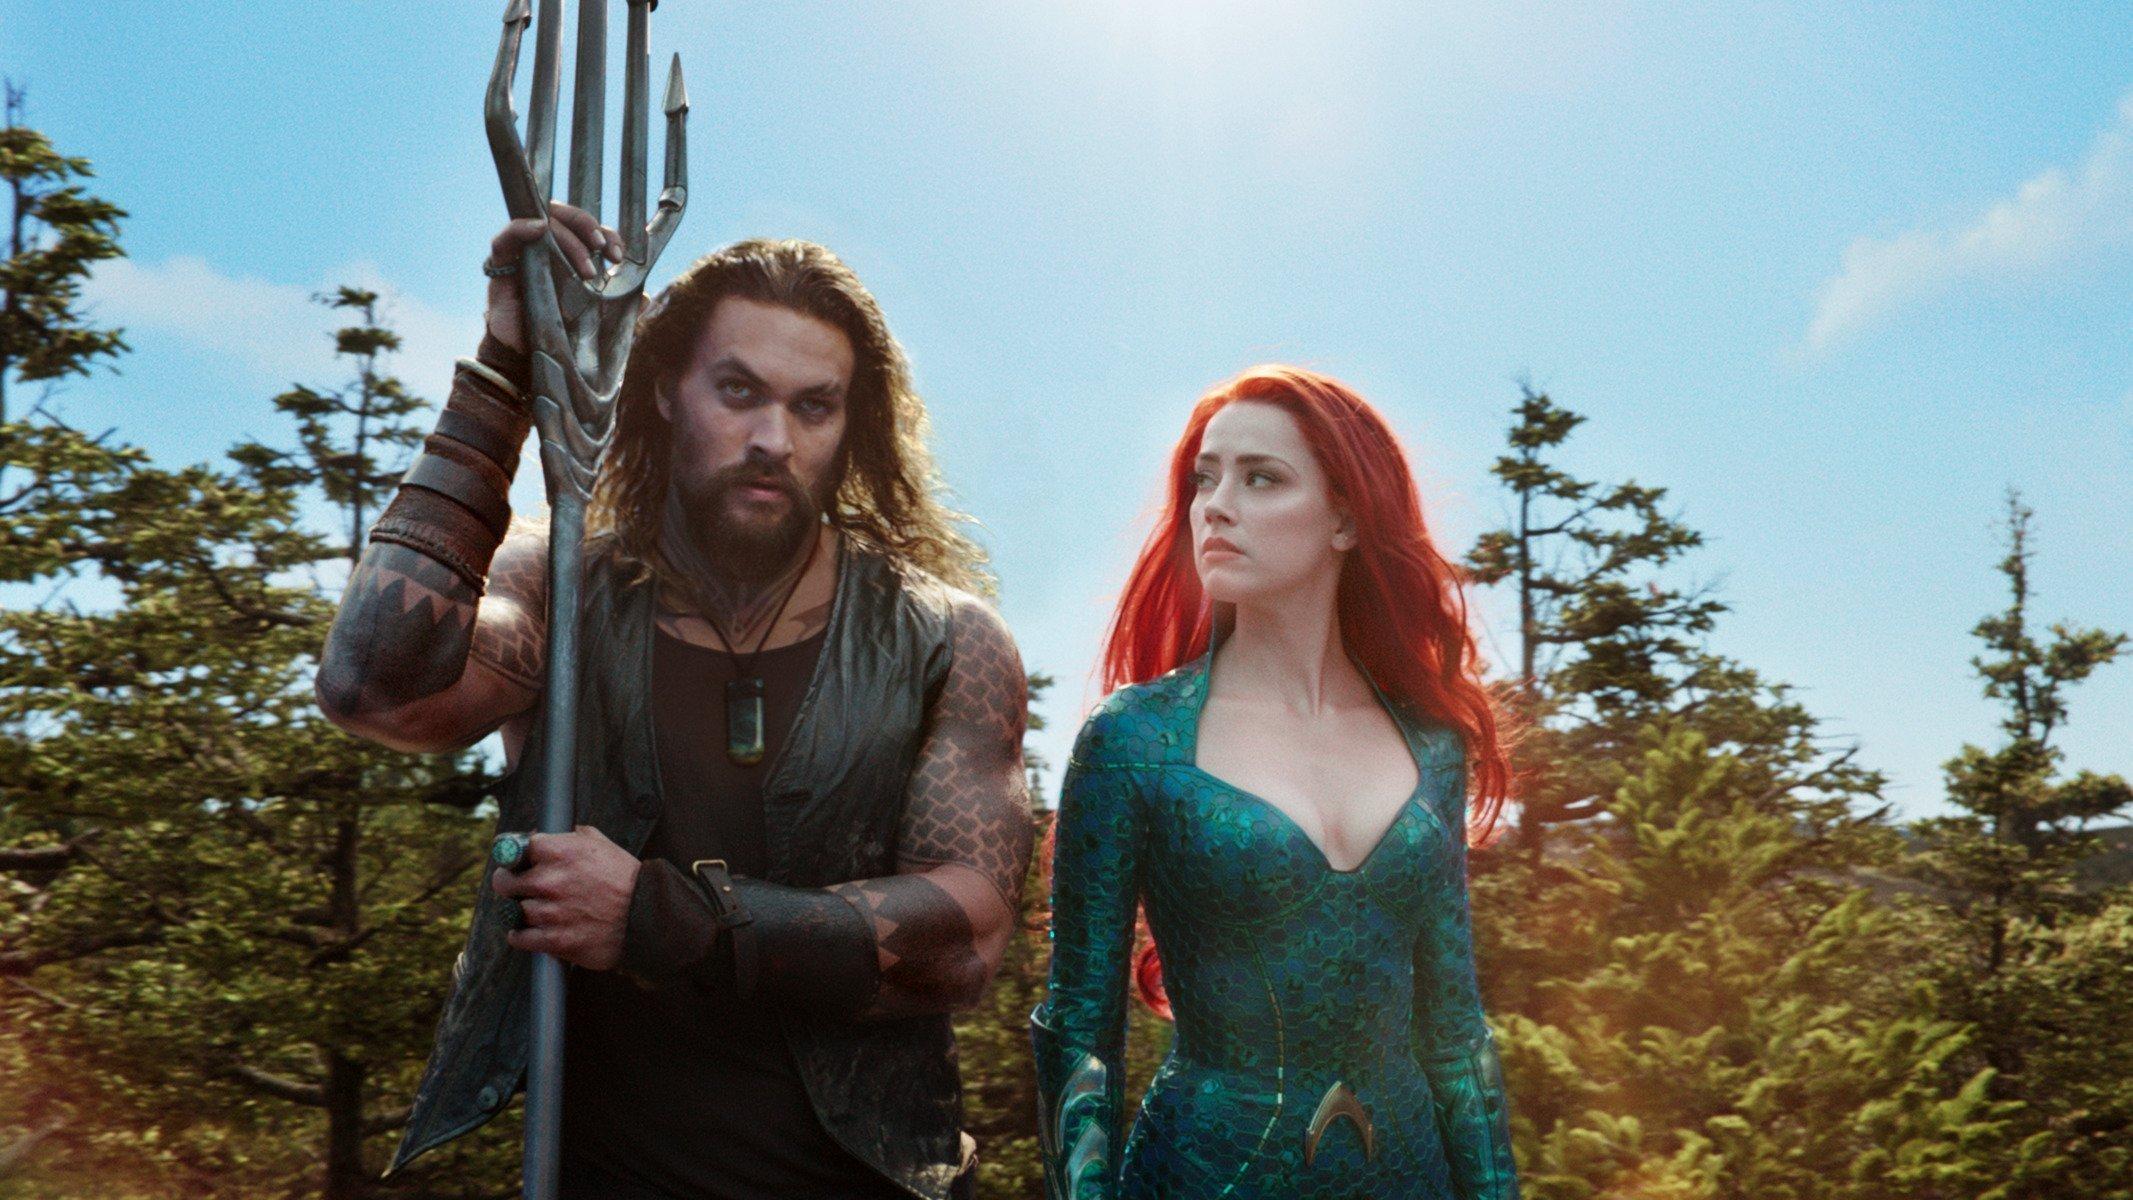 Photo du film Aquaman réalisé par James Wan avec Arthur et Mera